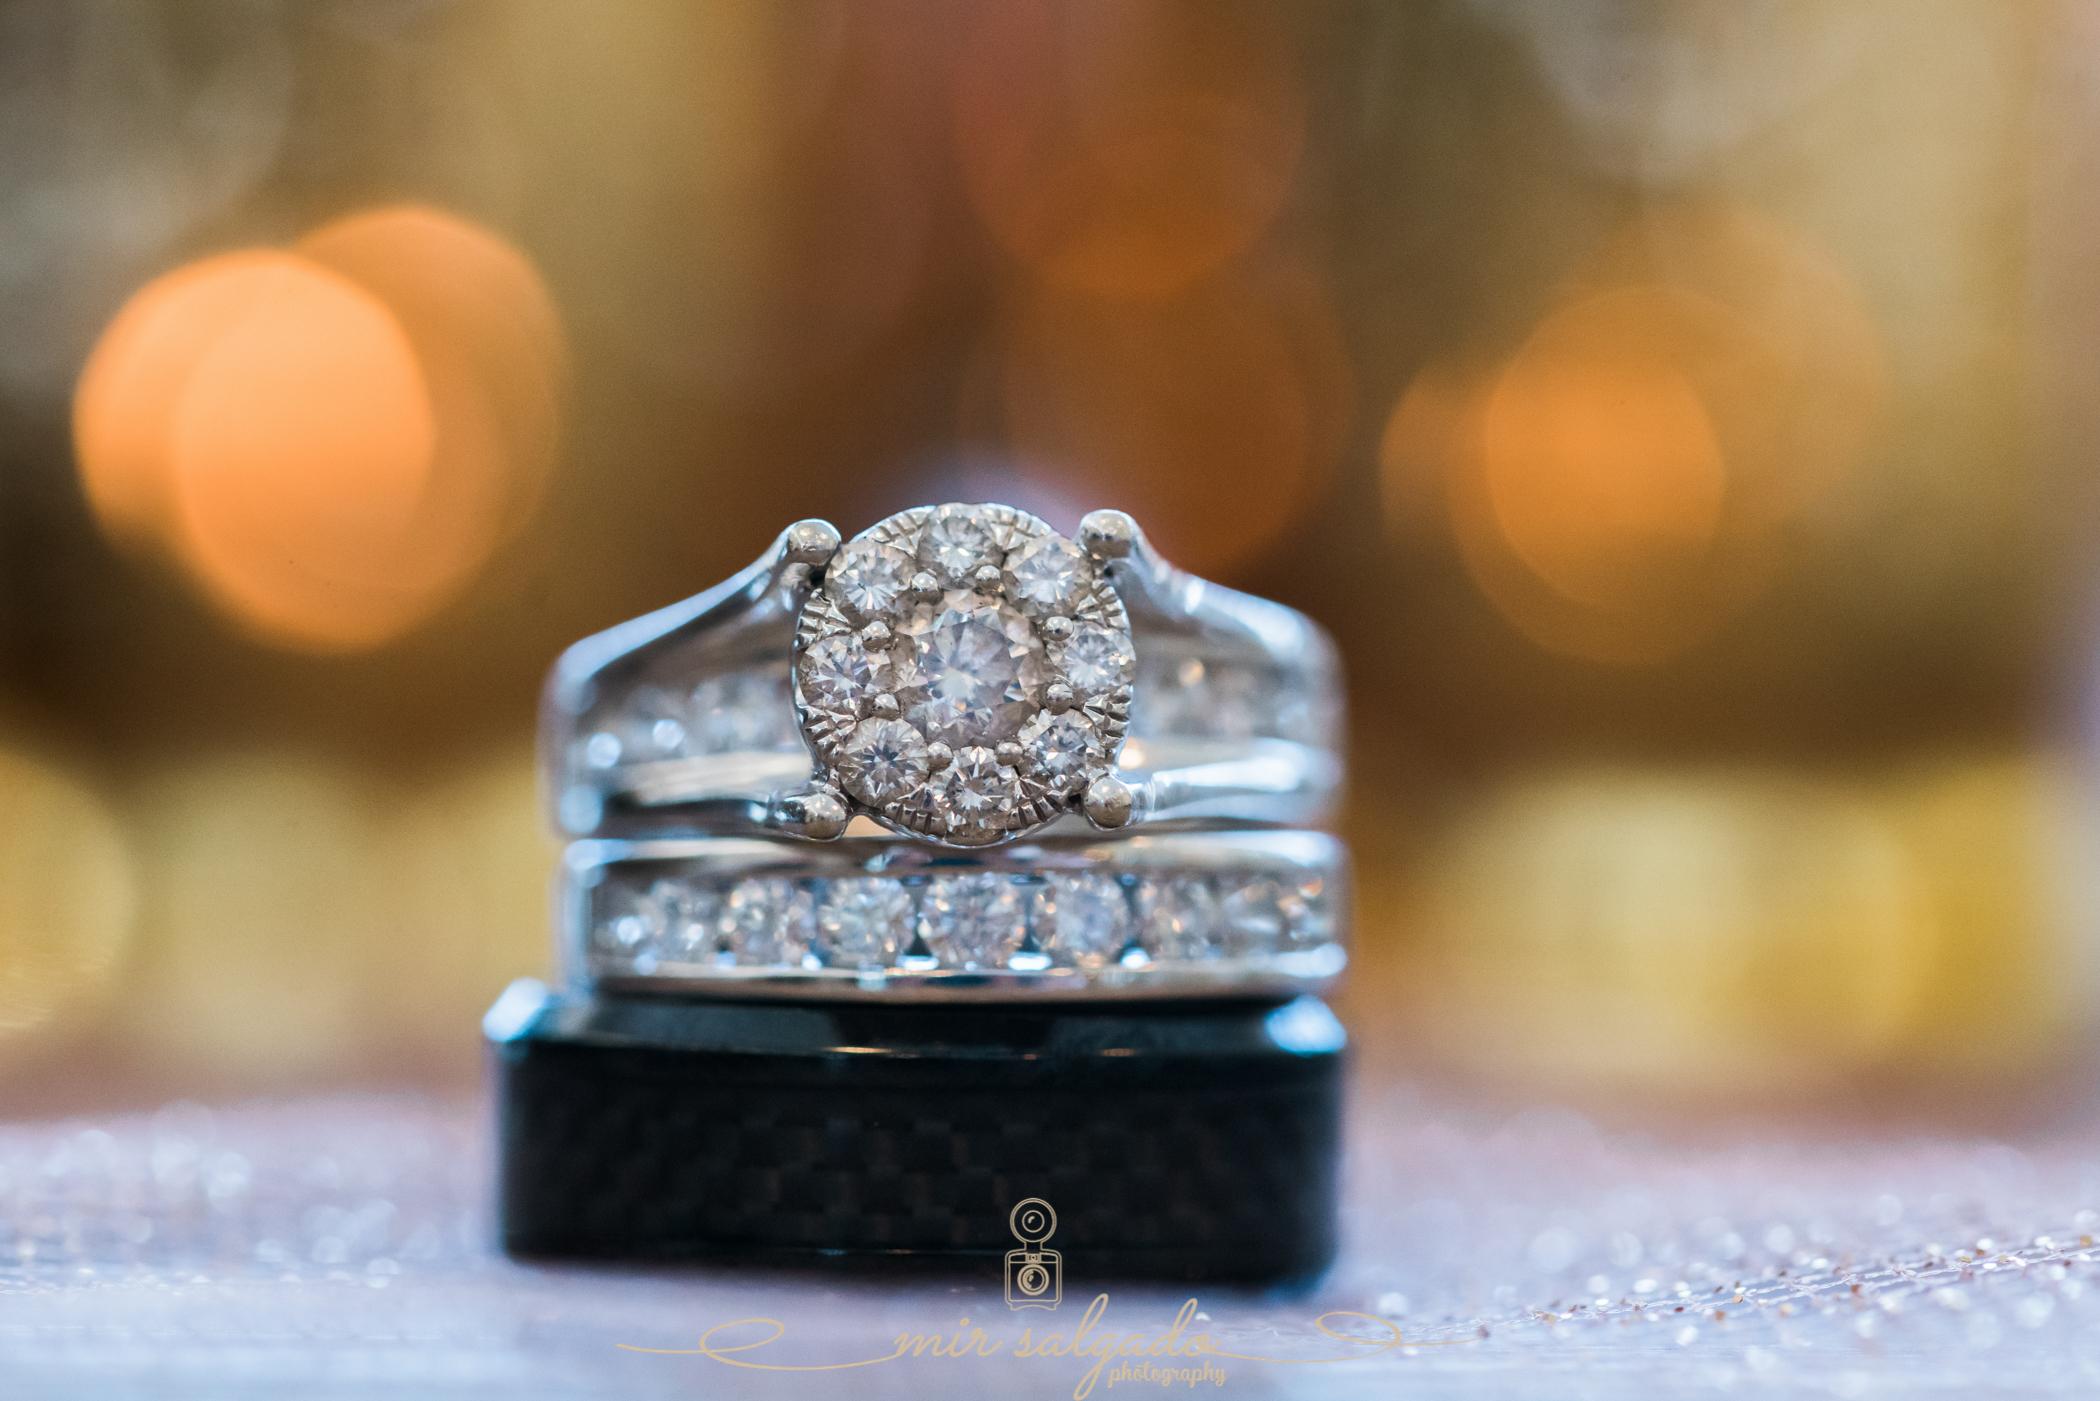 Bok-tower-gardens-wedding, ring-shot, Tampa-wedding-photographer